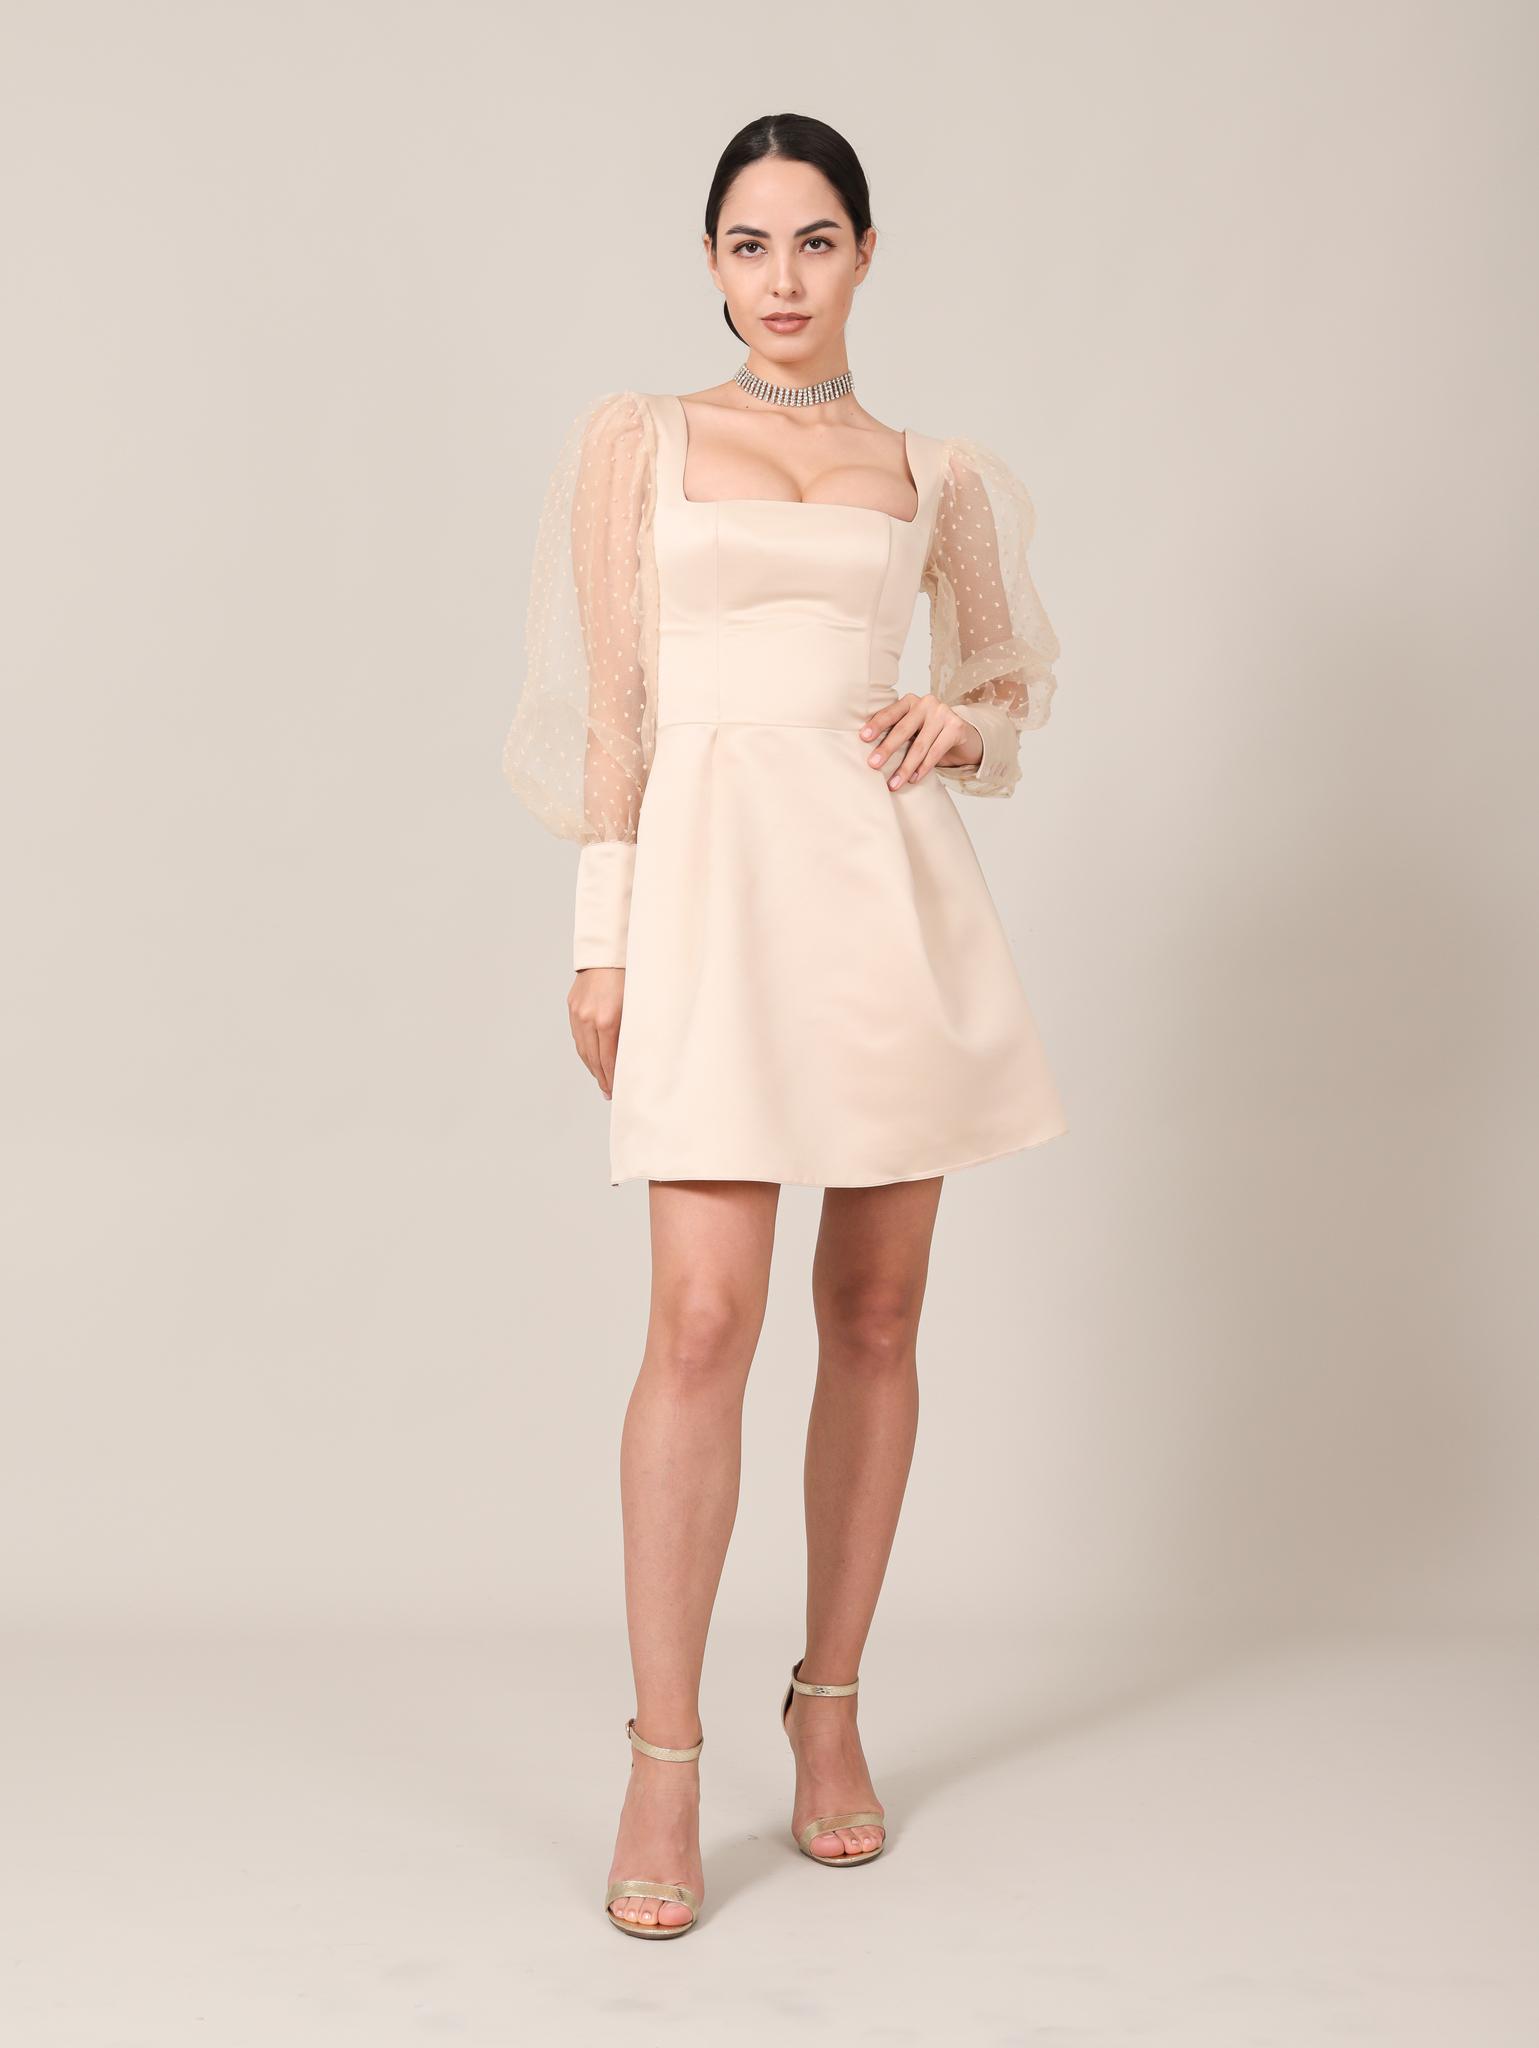 Свадебное платье / Вечернее платье с квадратным вырезом и длинными рукавами из фатина мини (бежевый)